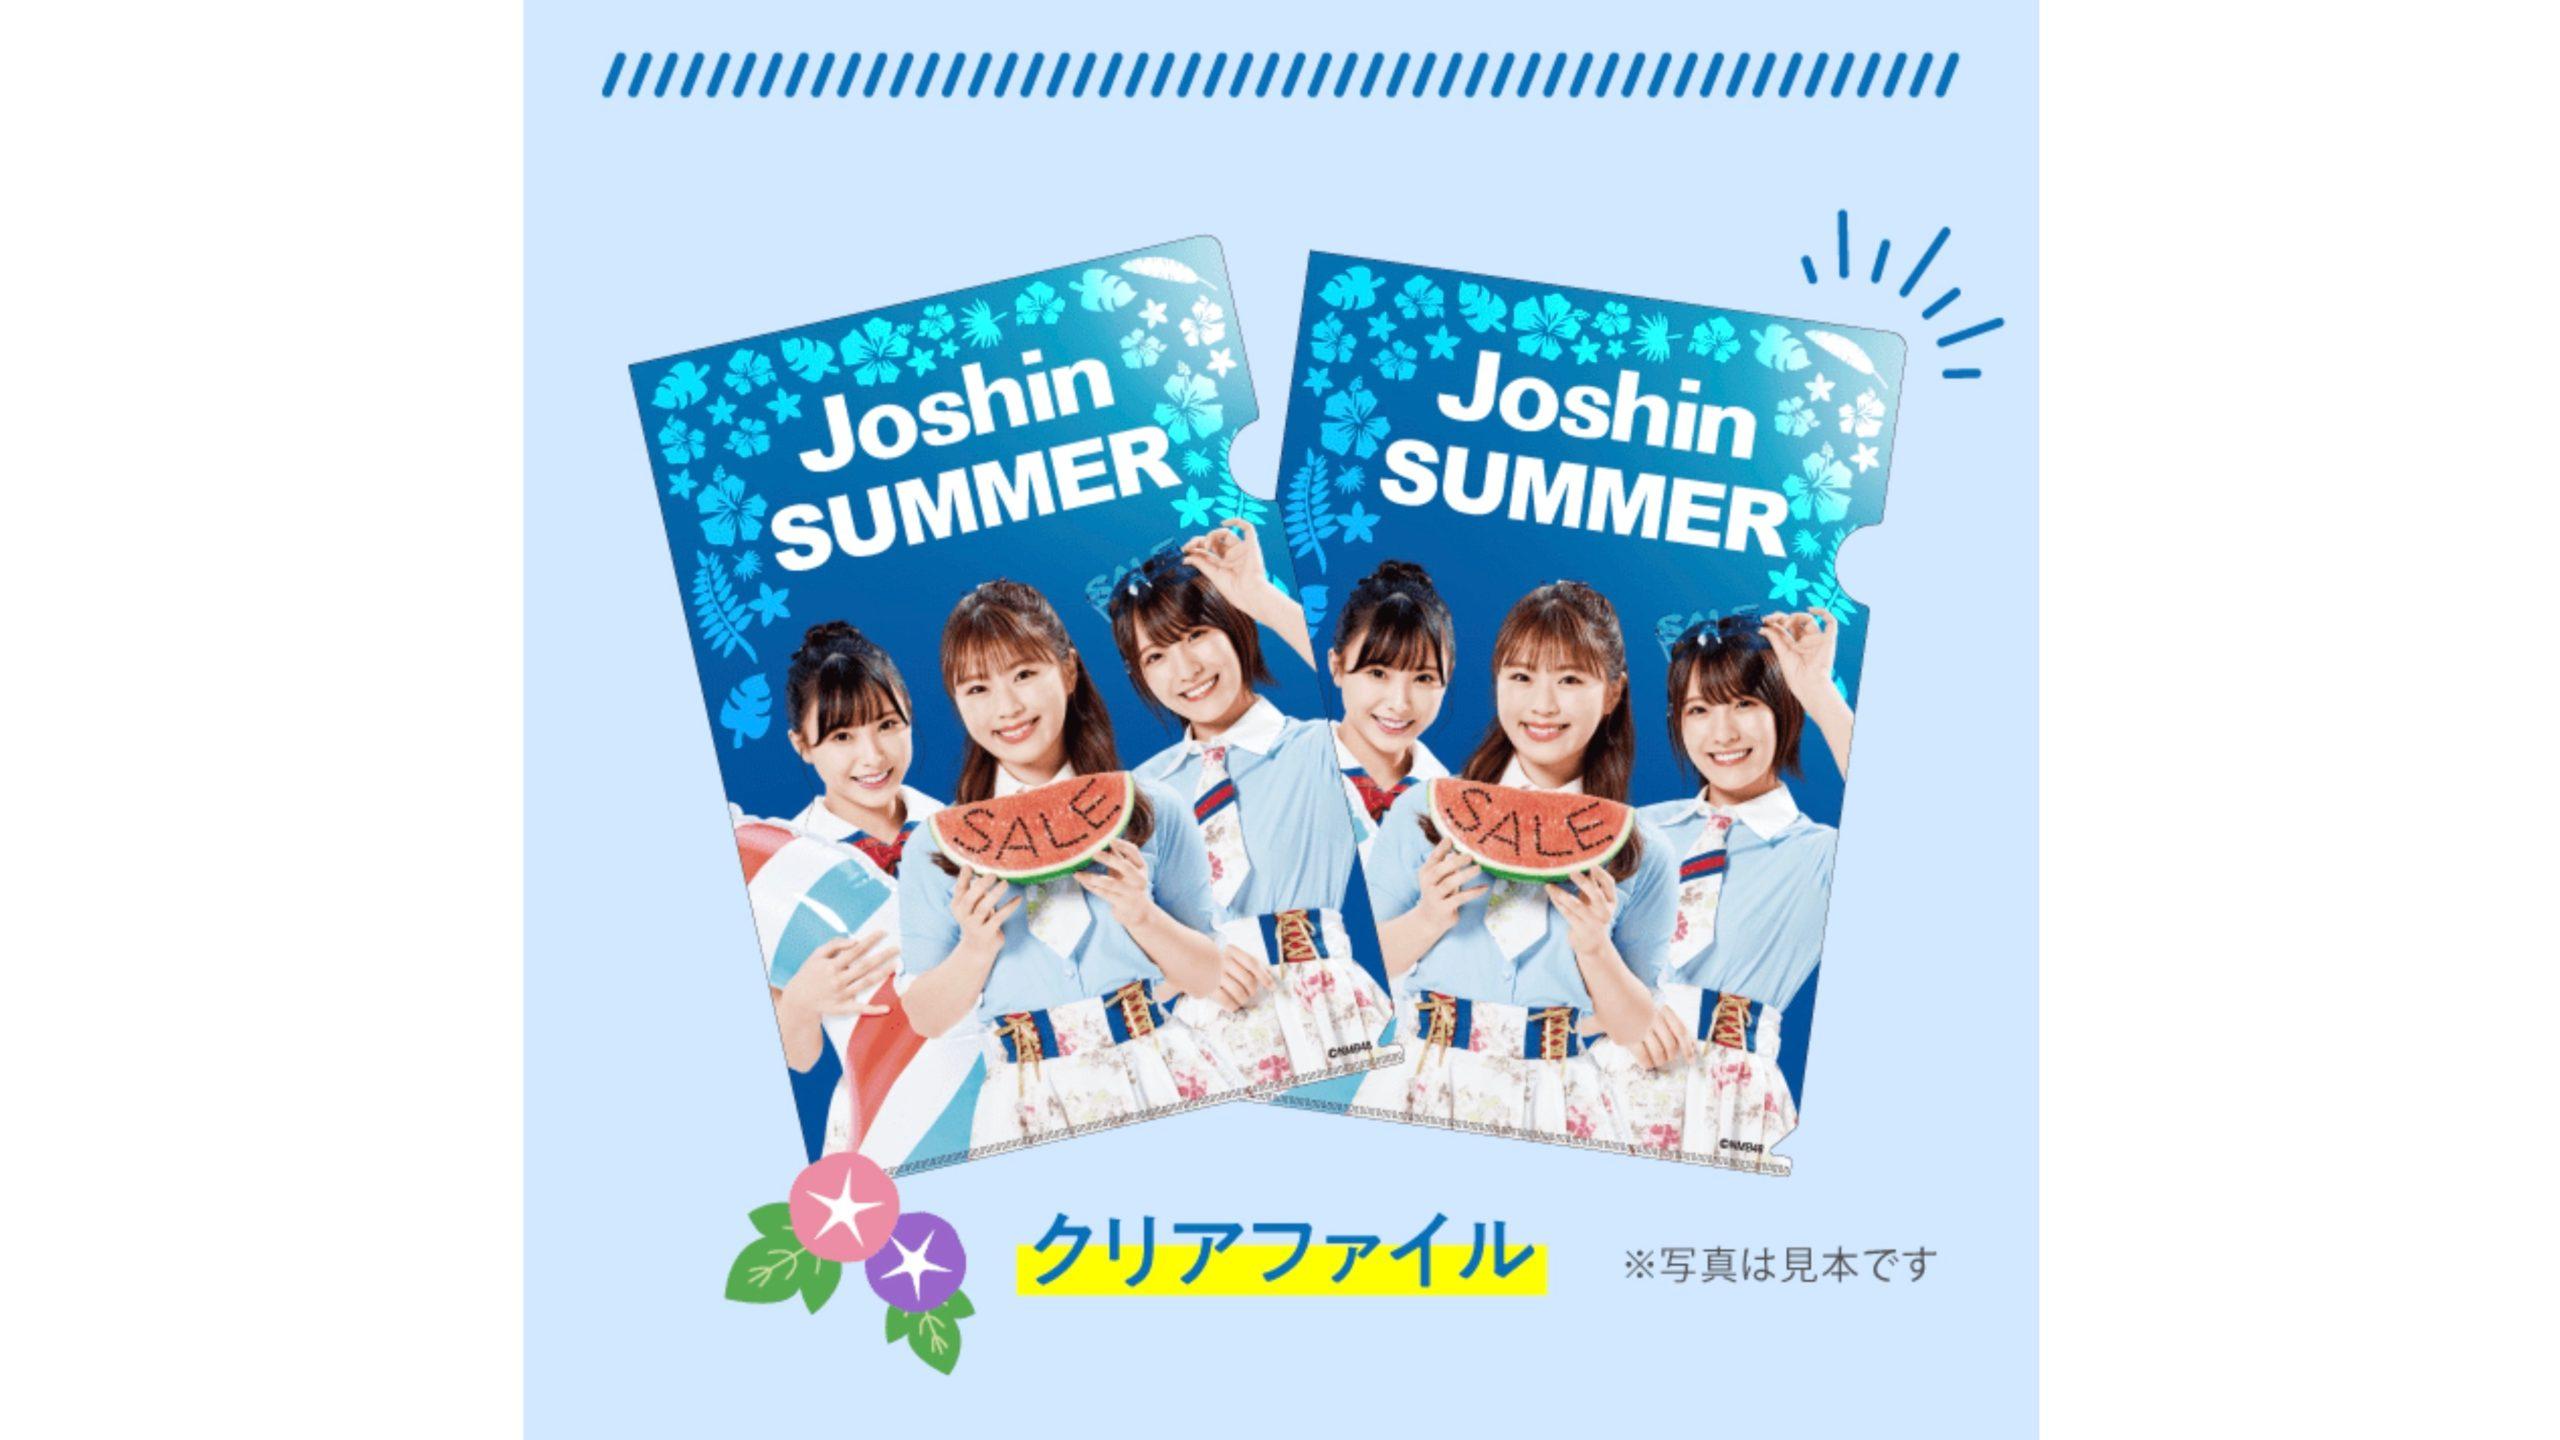 【NMB48】8月5日からJoshin キャンペーン第2弾がスタート